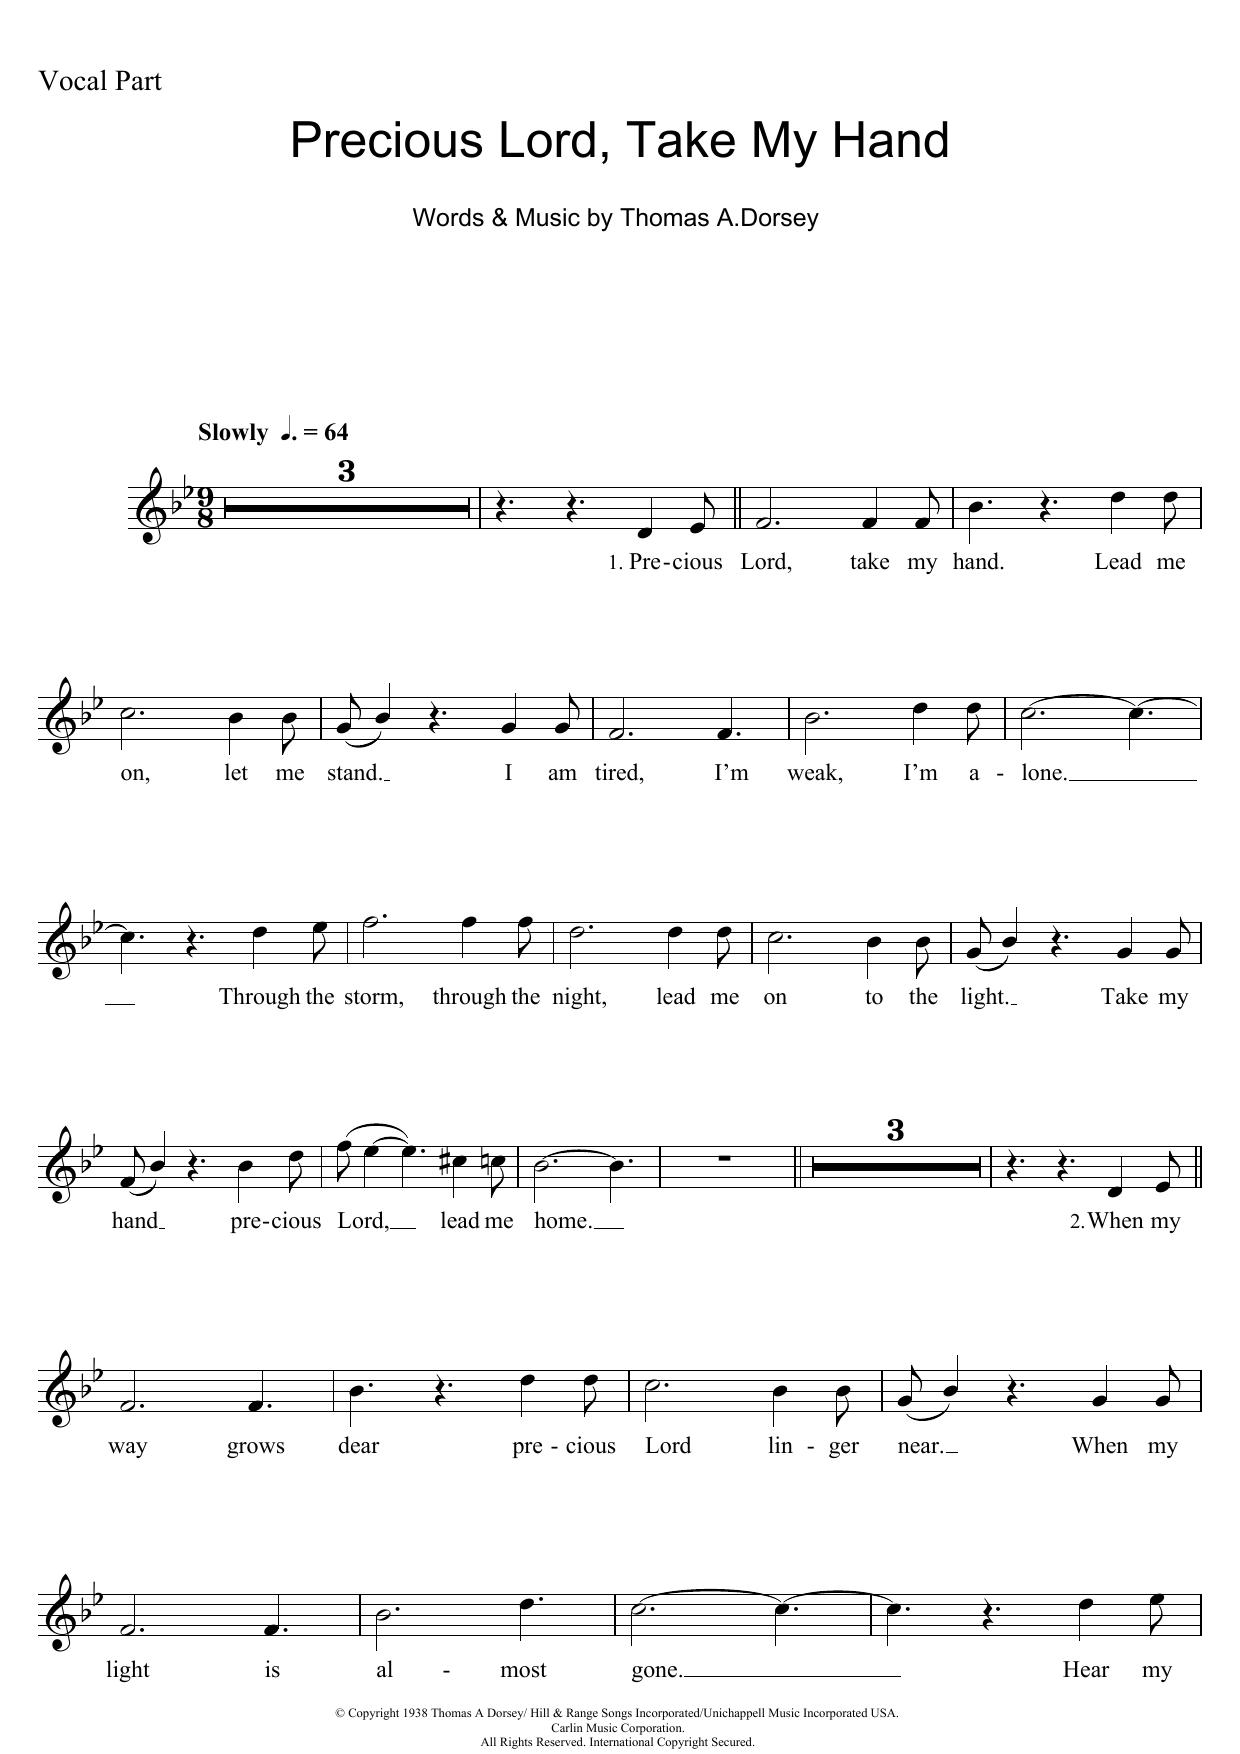 Aretha Franklin - Precious Lord, Take My Hand (Take My Hand, Precious Lord)